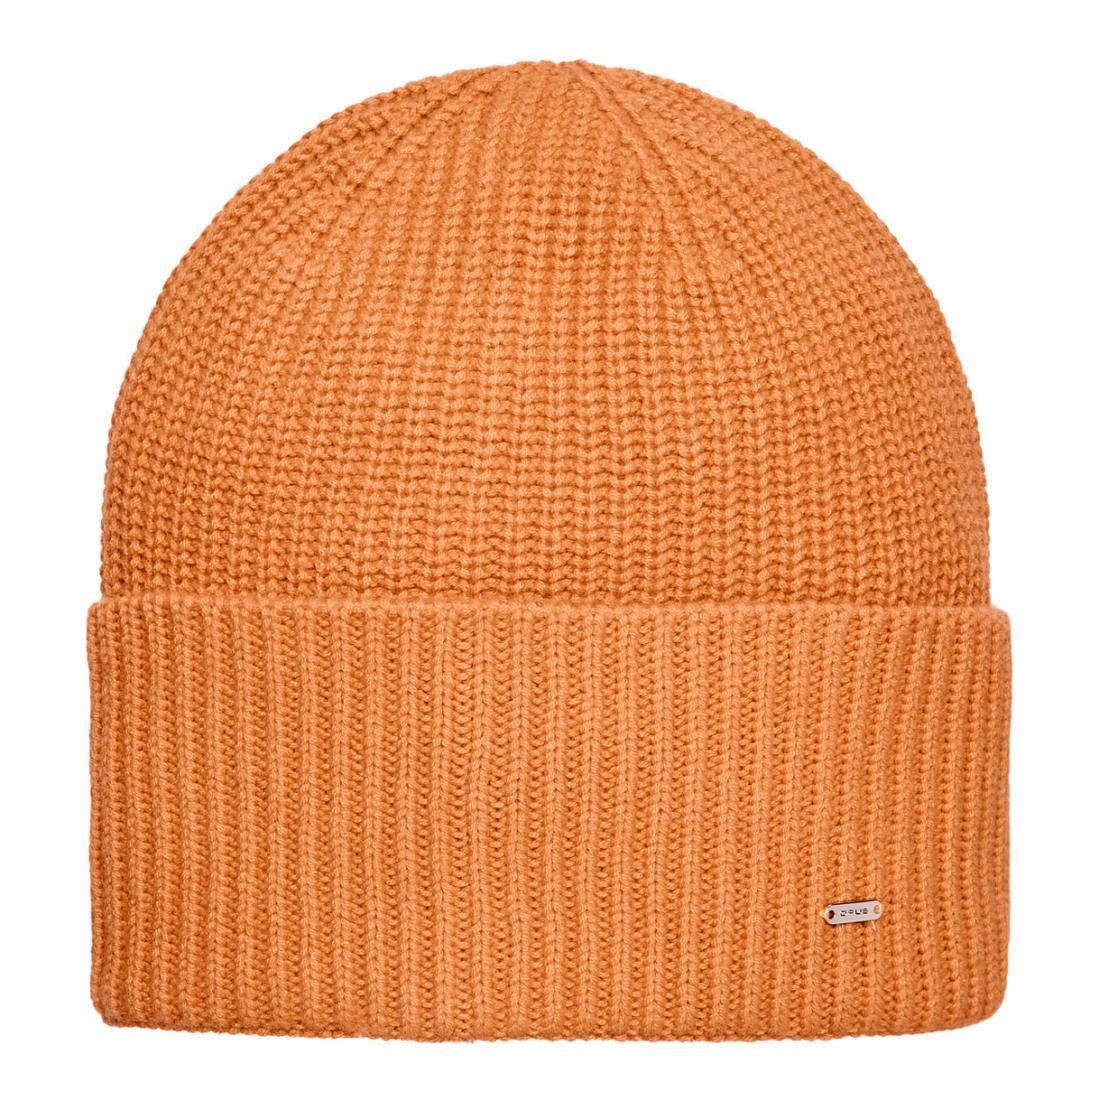 Opus Mützen Stirnband/Handschuhe Aribi cap